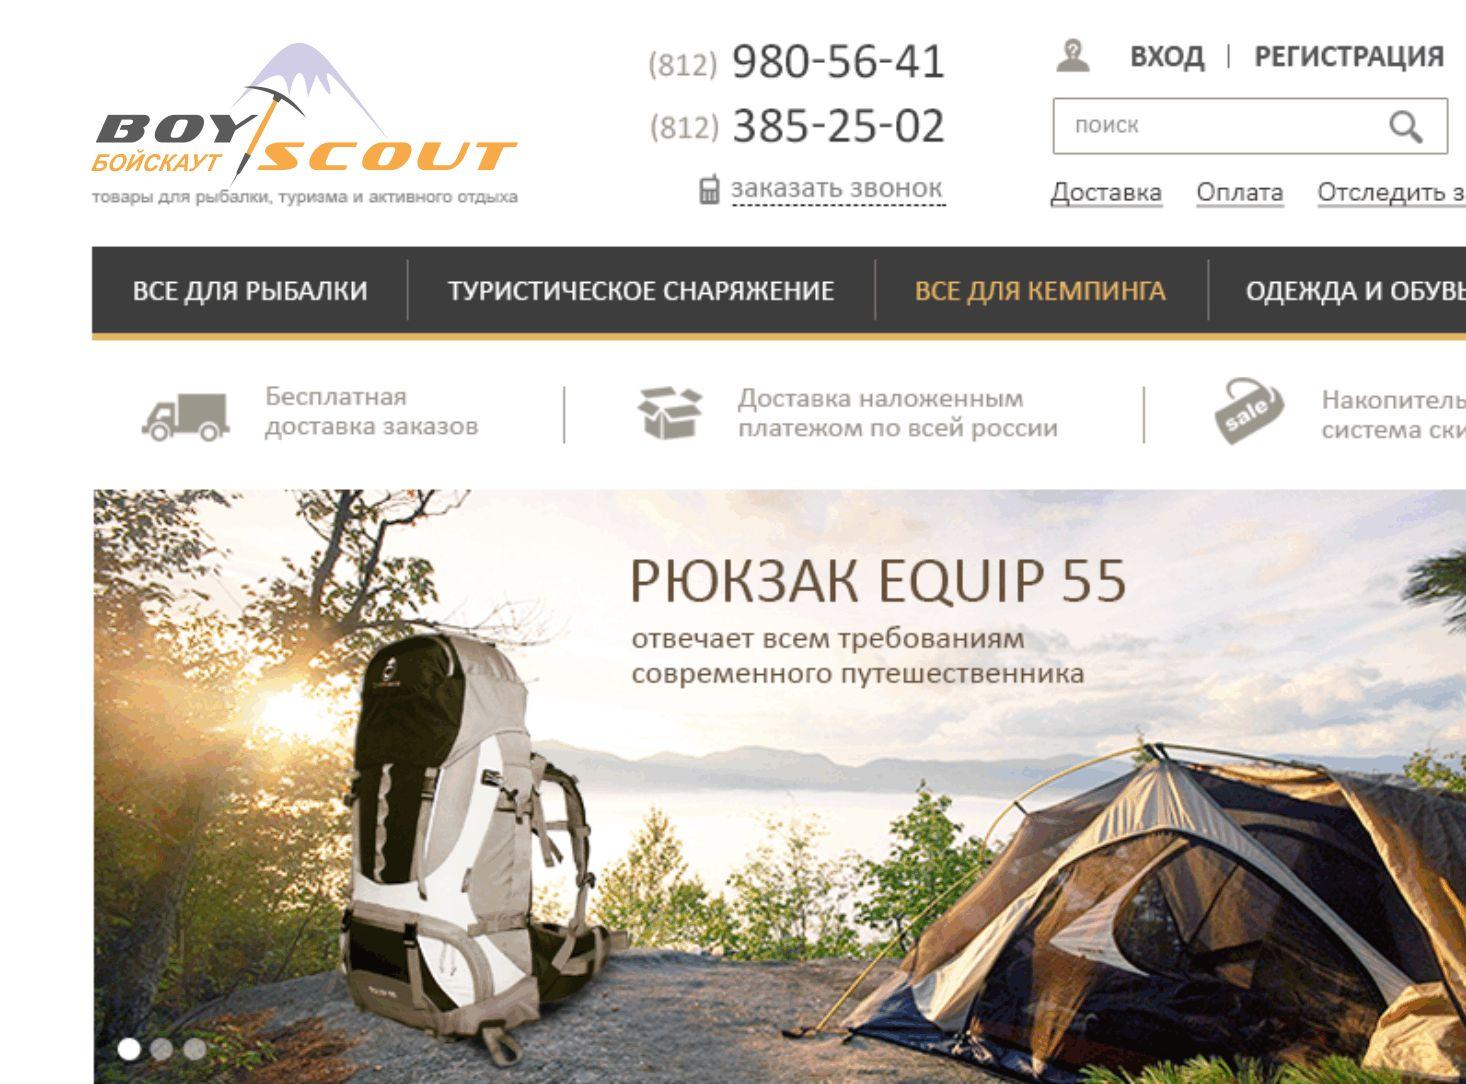 Логотип для сайта интернет-магазина BOY SCOUT - дизайнер alex-blek